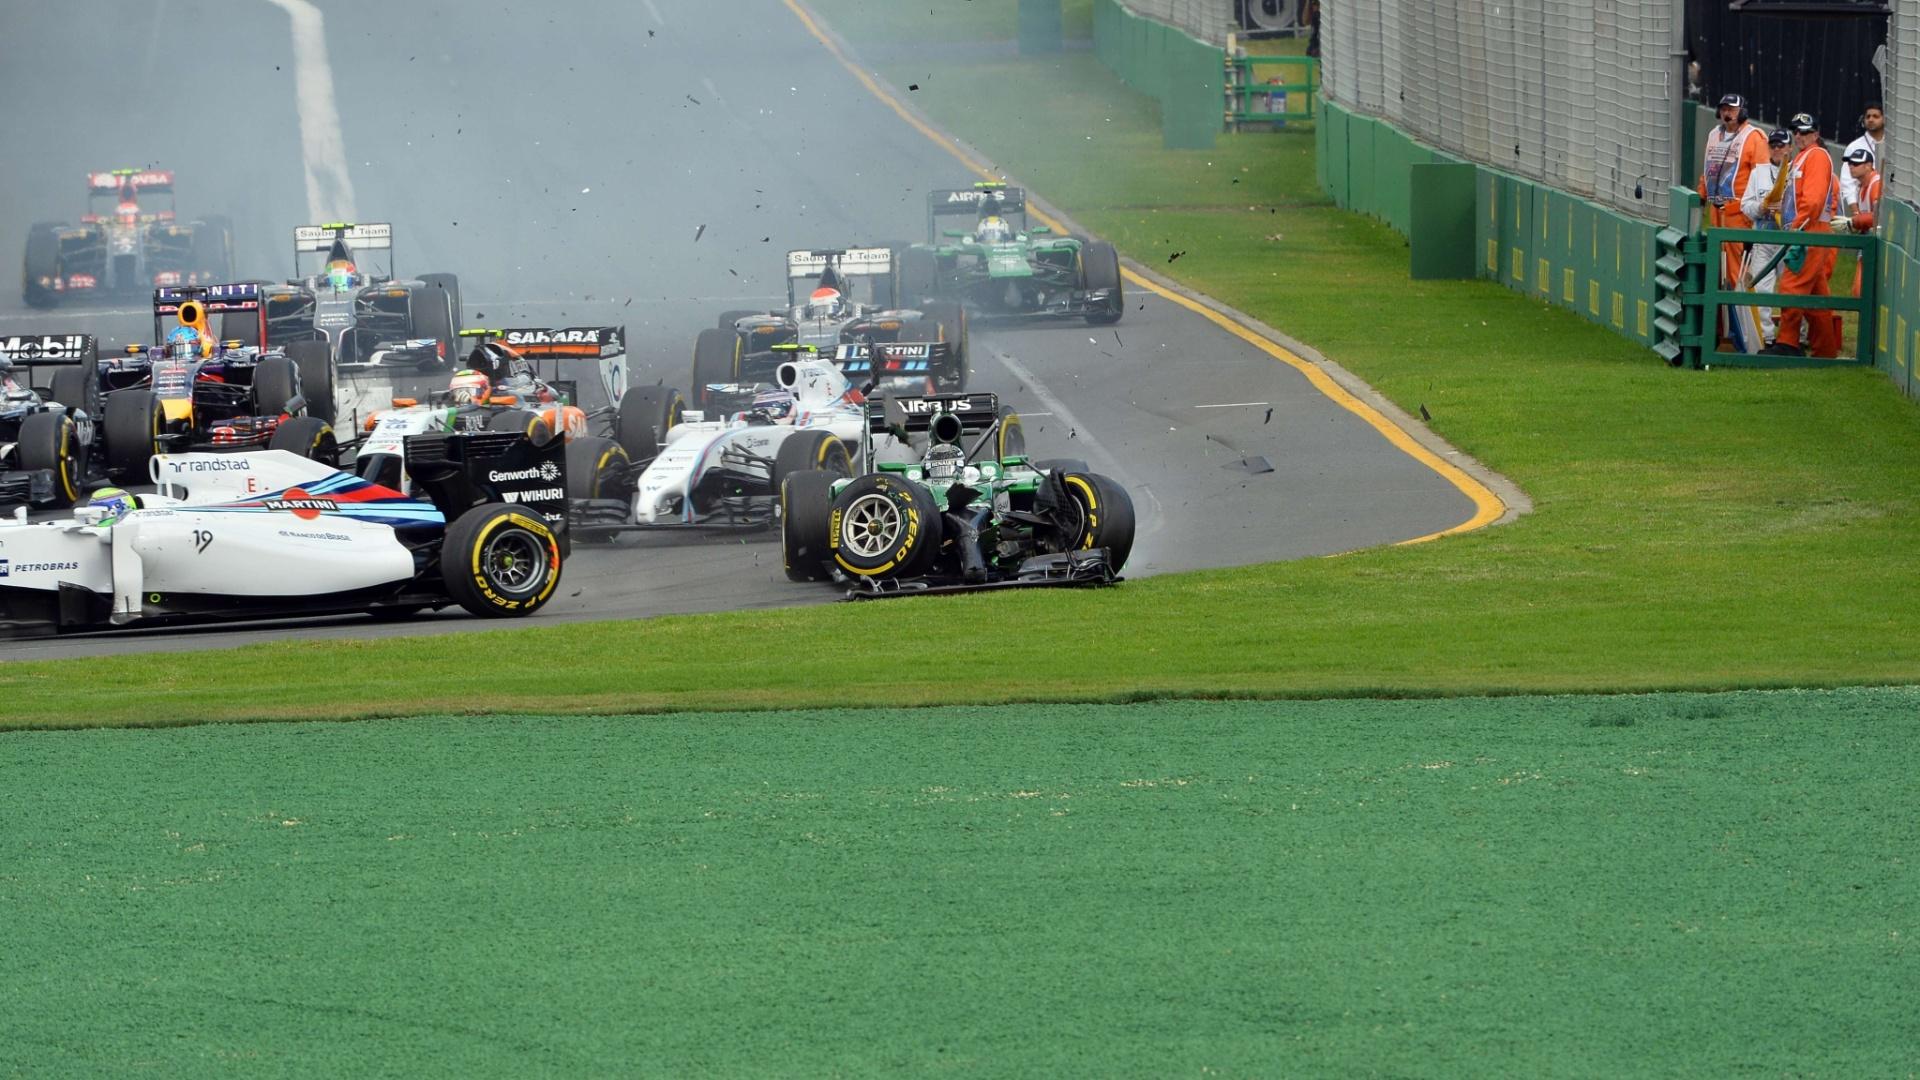 Kamui Kobayashi acertou a traseira de Felipe Massa logo após a largada do GP da Austrália